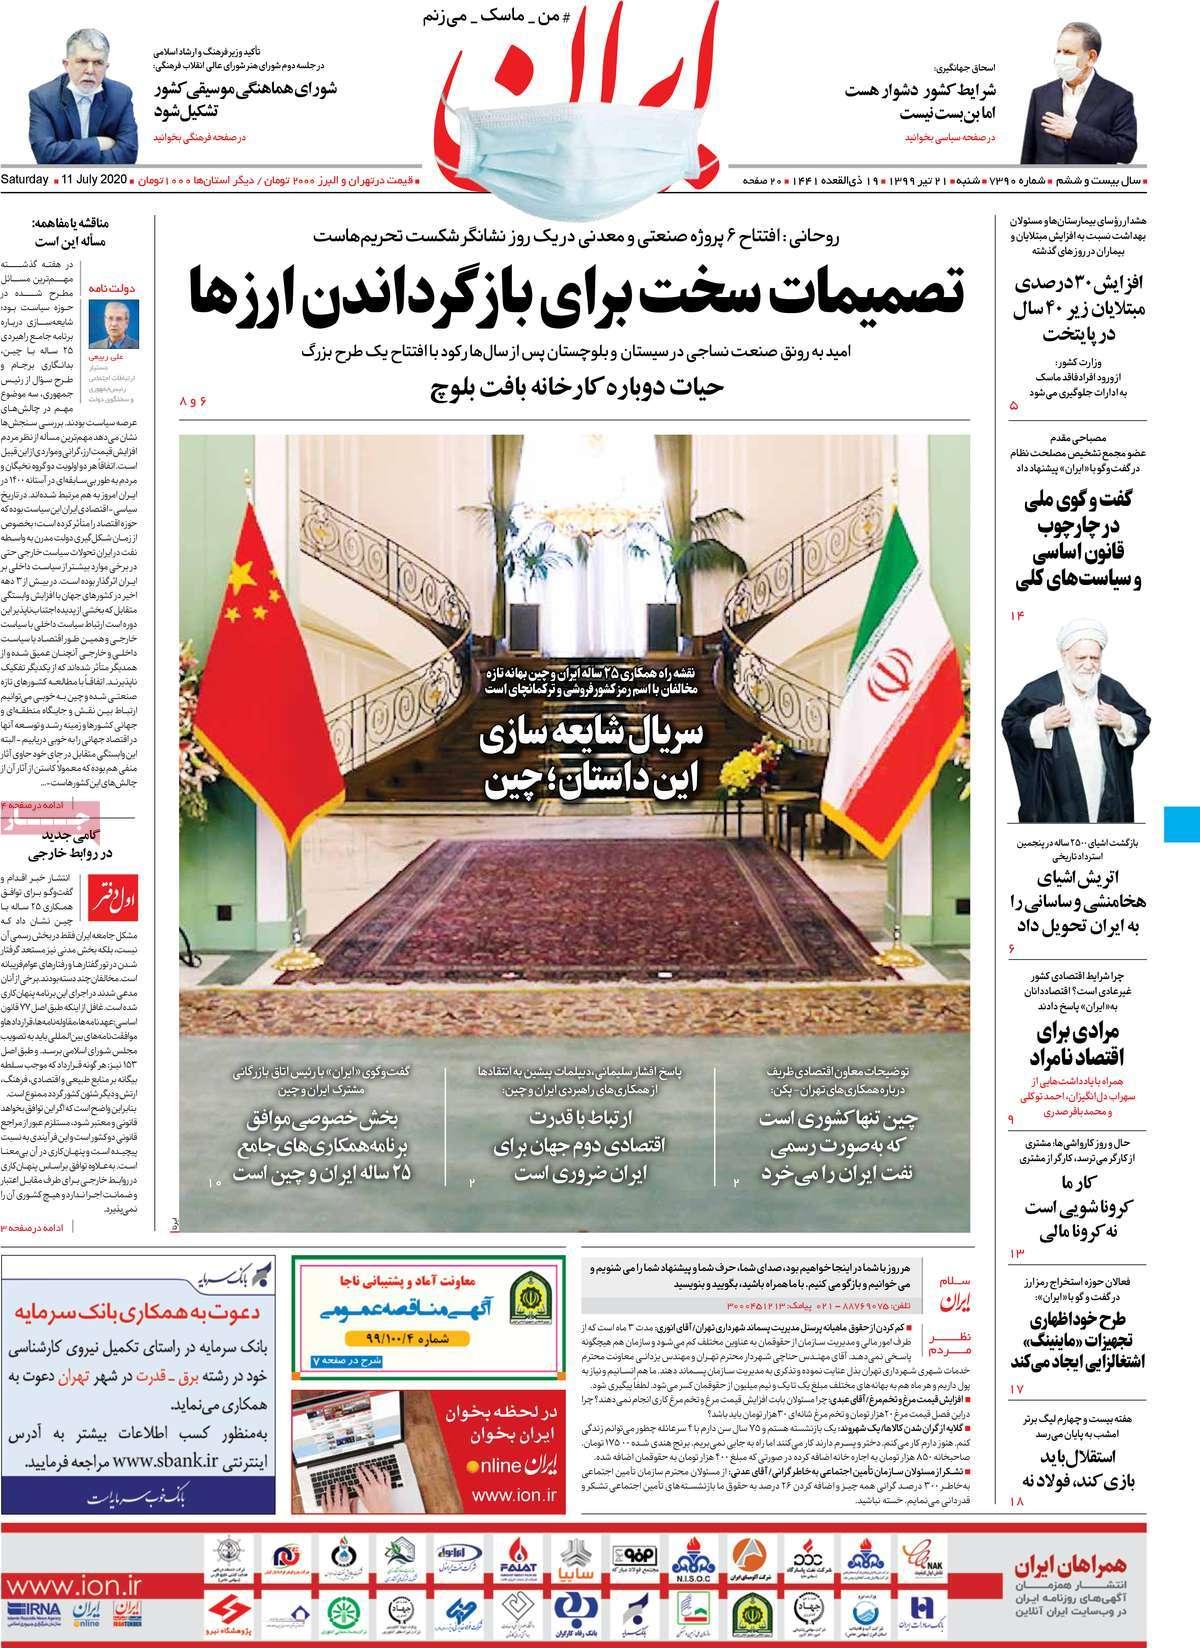 Um olhar sobre as primeiras páginas dos jornais iranianos em 11 de julho 8